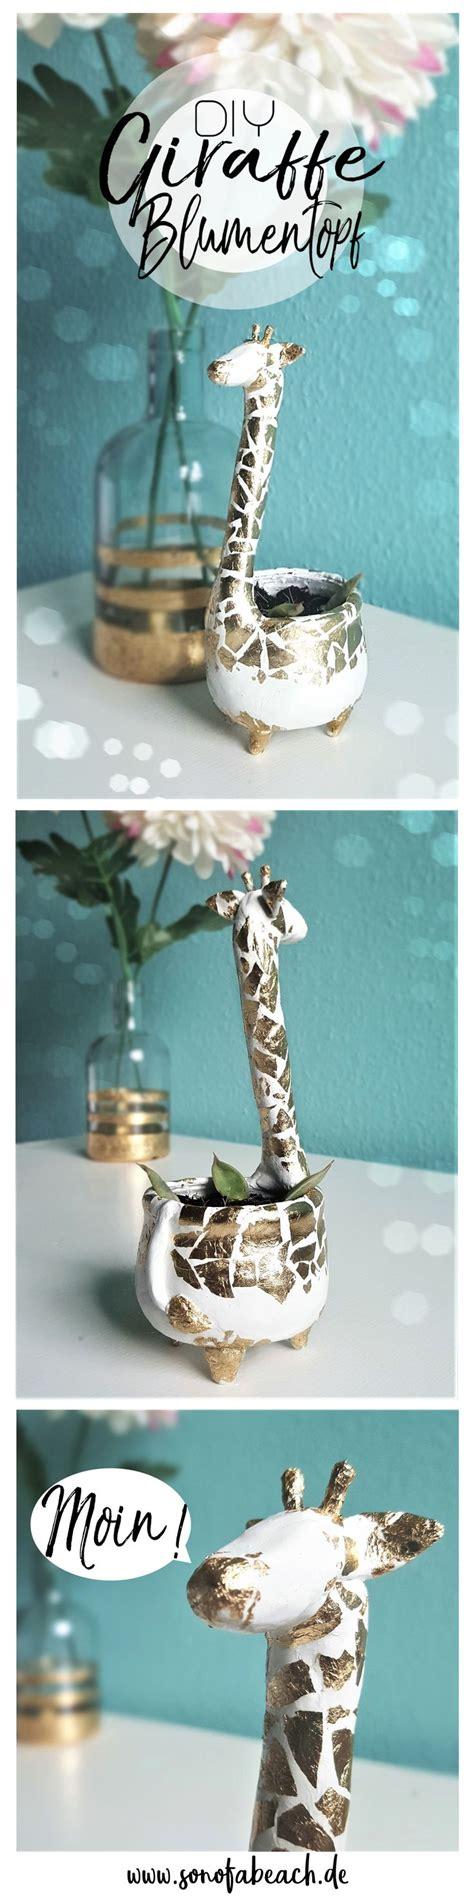 giraffe kostüm selber machen diy giraffe blumentopf aus modelliermasse selber machen einrichtung modelliermasse diy